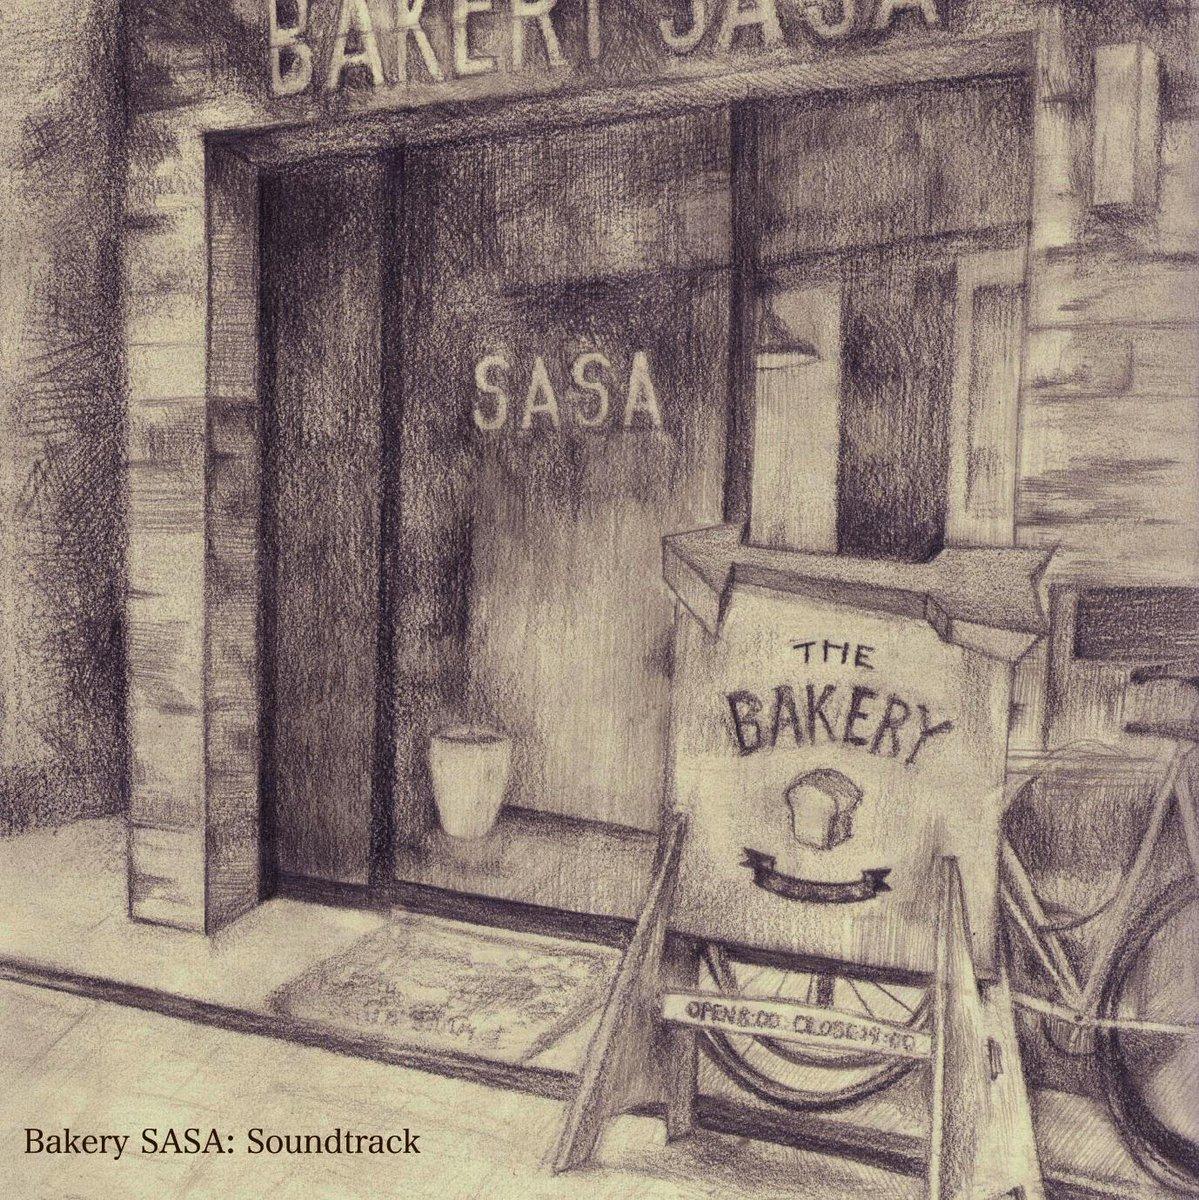 【重大発表】 5/21日に笹塚『Bakery SASA』というパン屋で期間&枚数限定CDを発売!『SASA soundtrack』全11組11曲収録(未発表7曲)更に5/12◯◯で先行販売!http://t.co/eHjaHK0zNL http://t.co/YWddDqXK4I